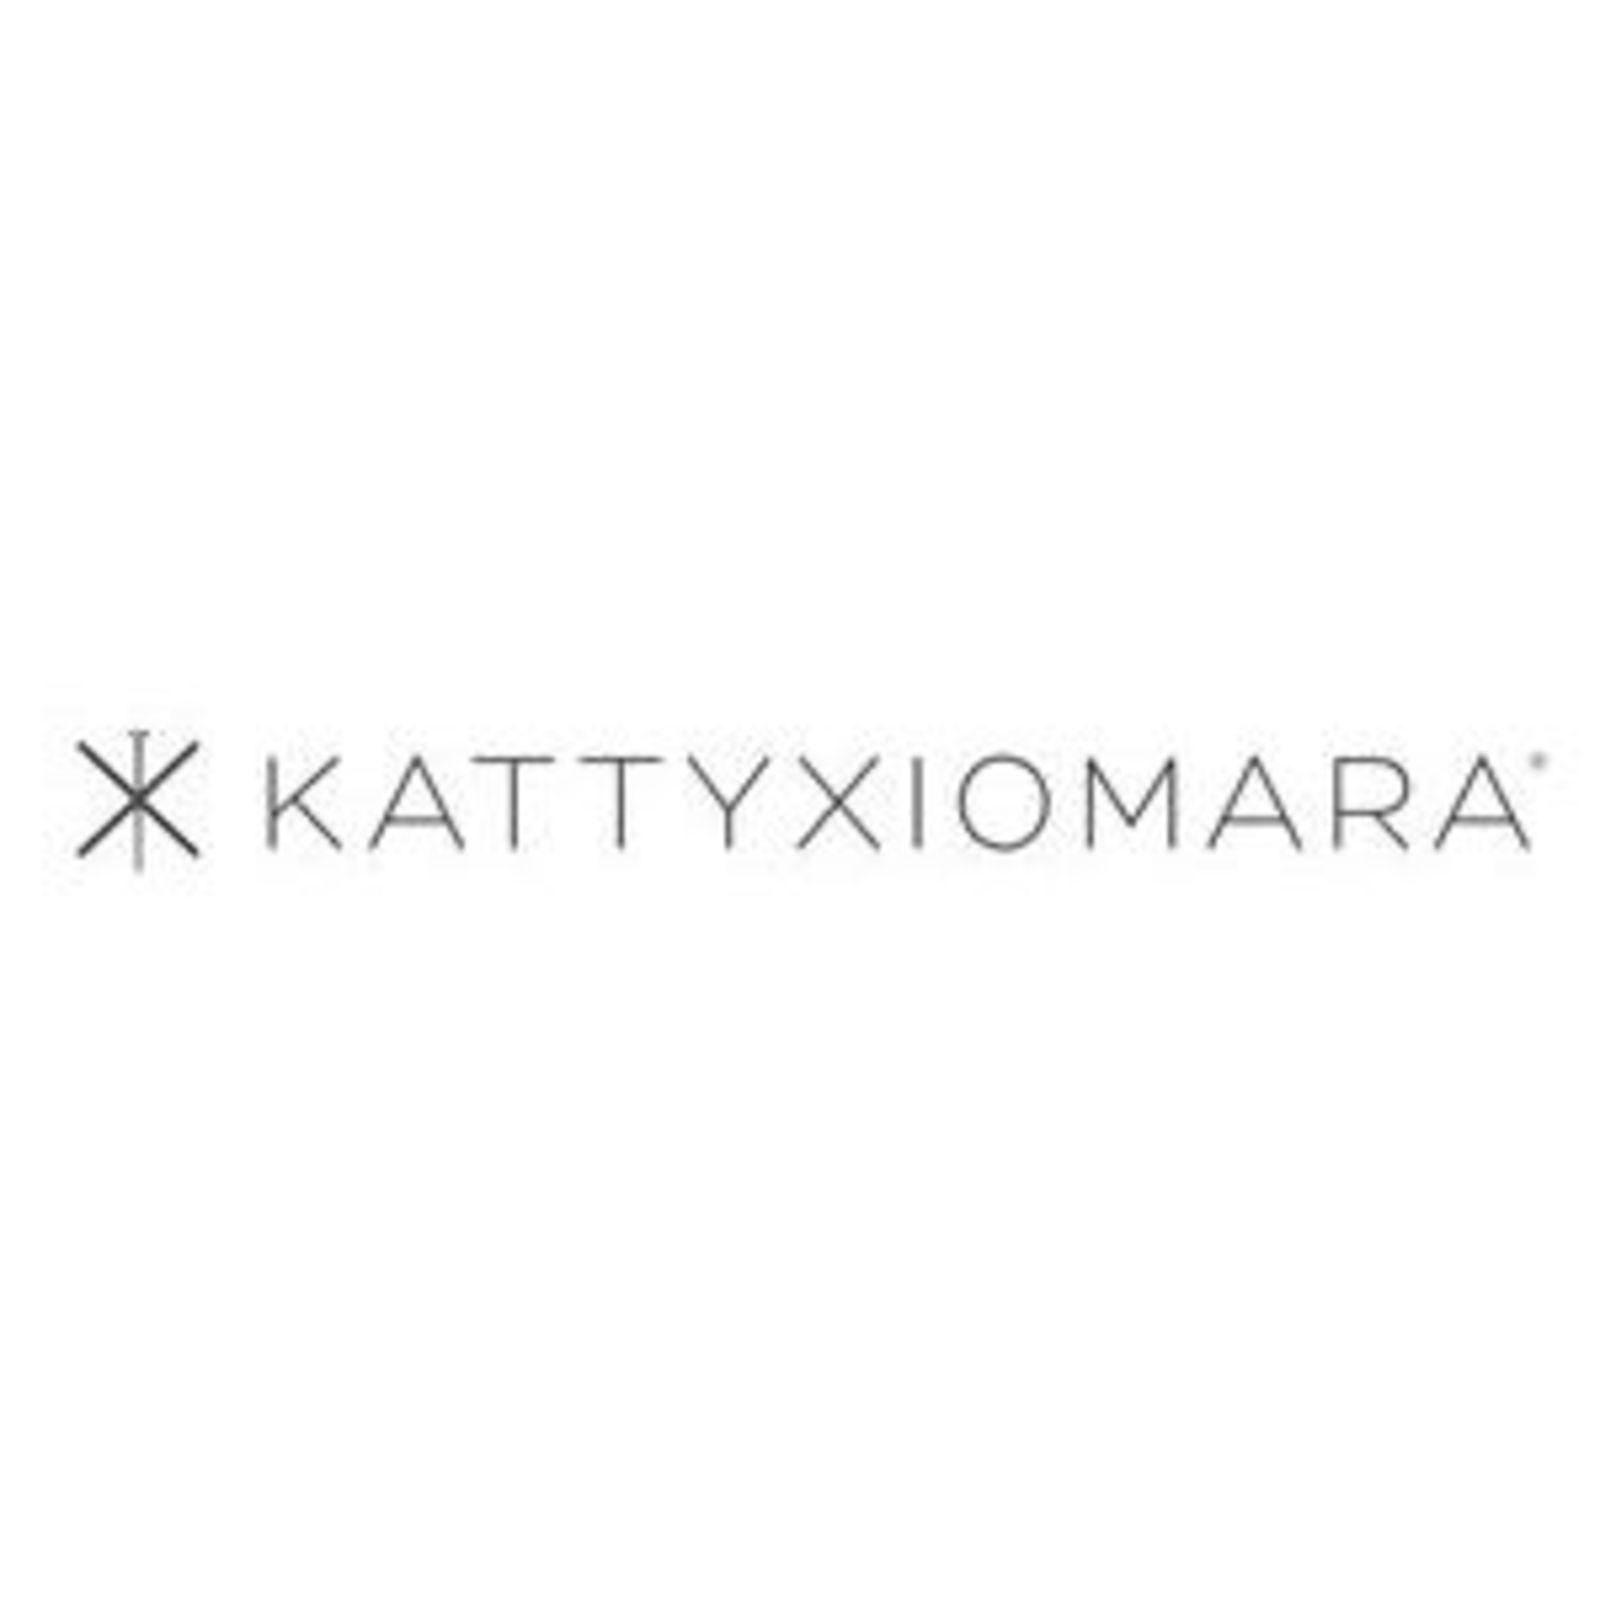 Katty Xiomara (Image 1)